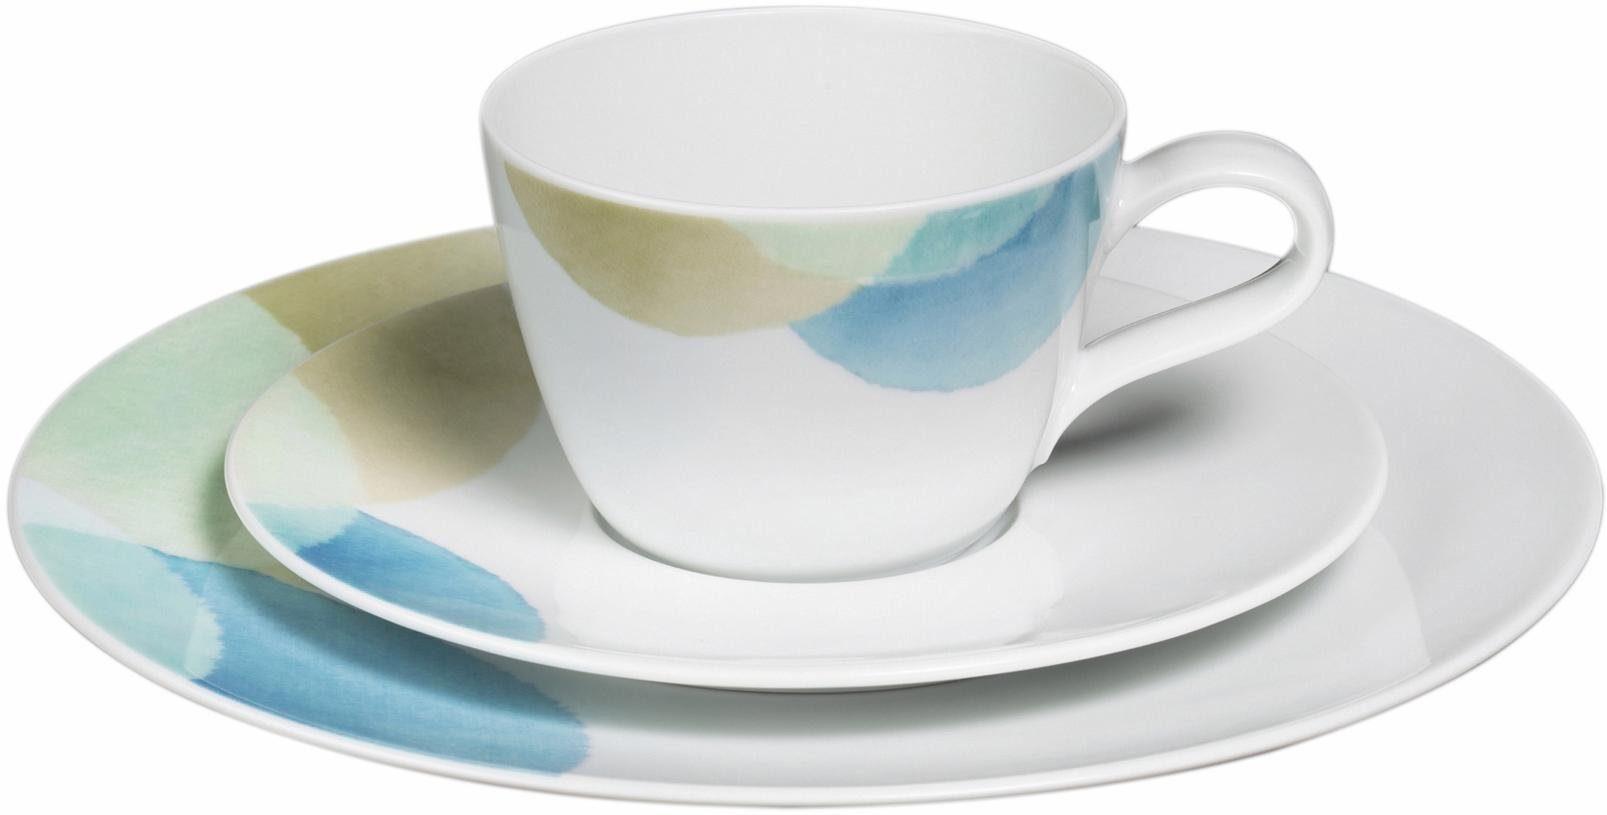 Seltmann Weiden Kaffeeservice, Porzellan, 18 Teile, »Life Senja«